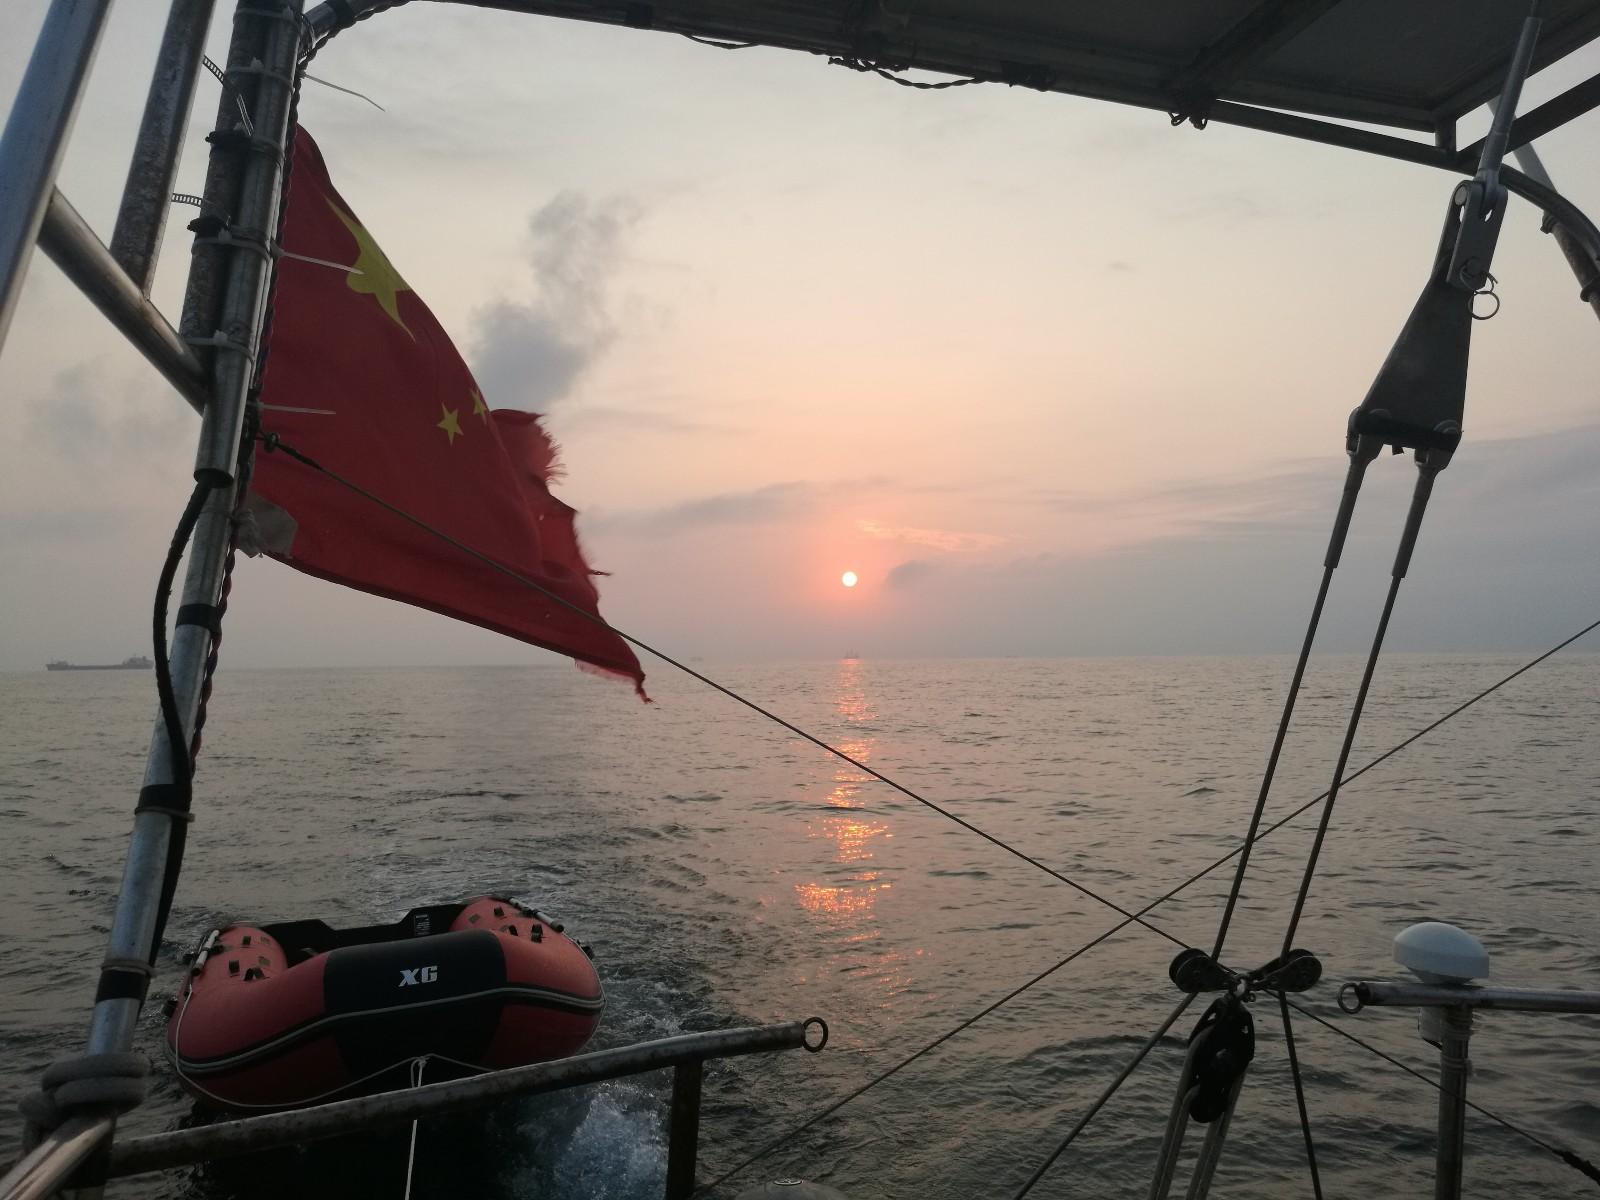 船长,唐山,这里,老刘,大哥 长风破浪会有时,直挂云帆济沧海——唐山号返航记(上篇)  161436qngppxun